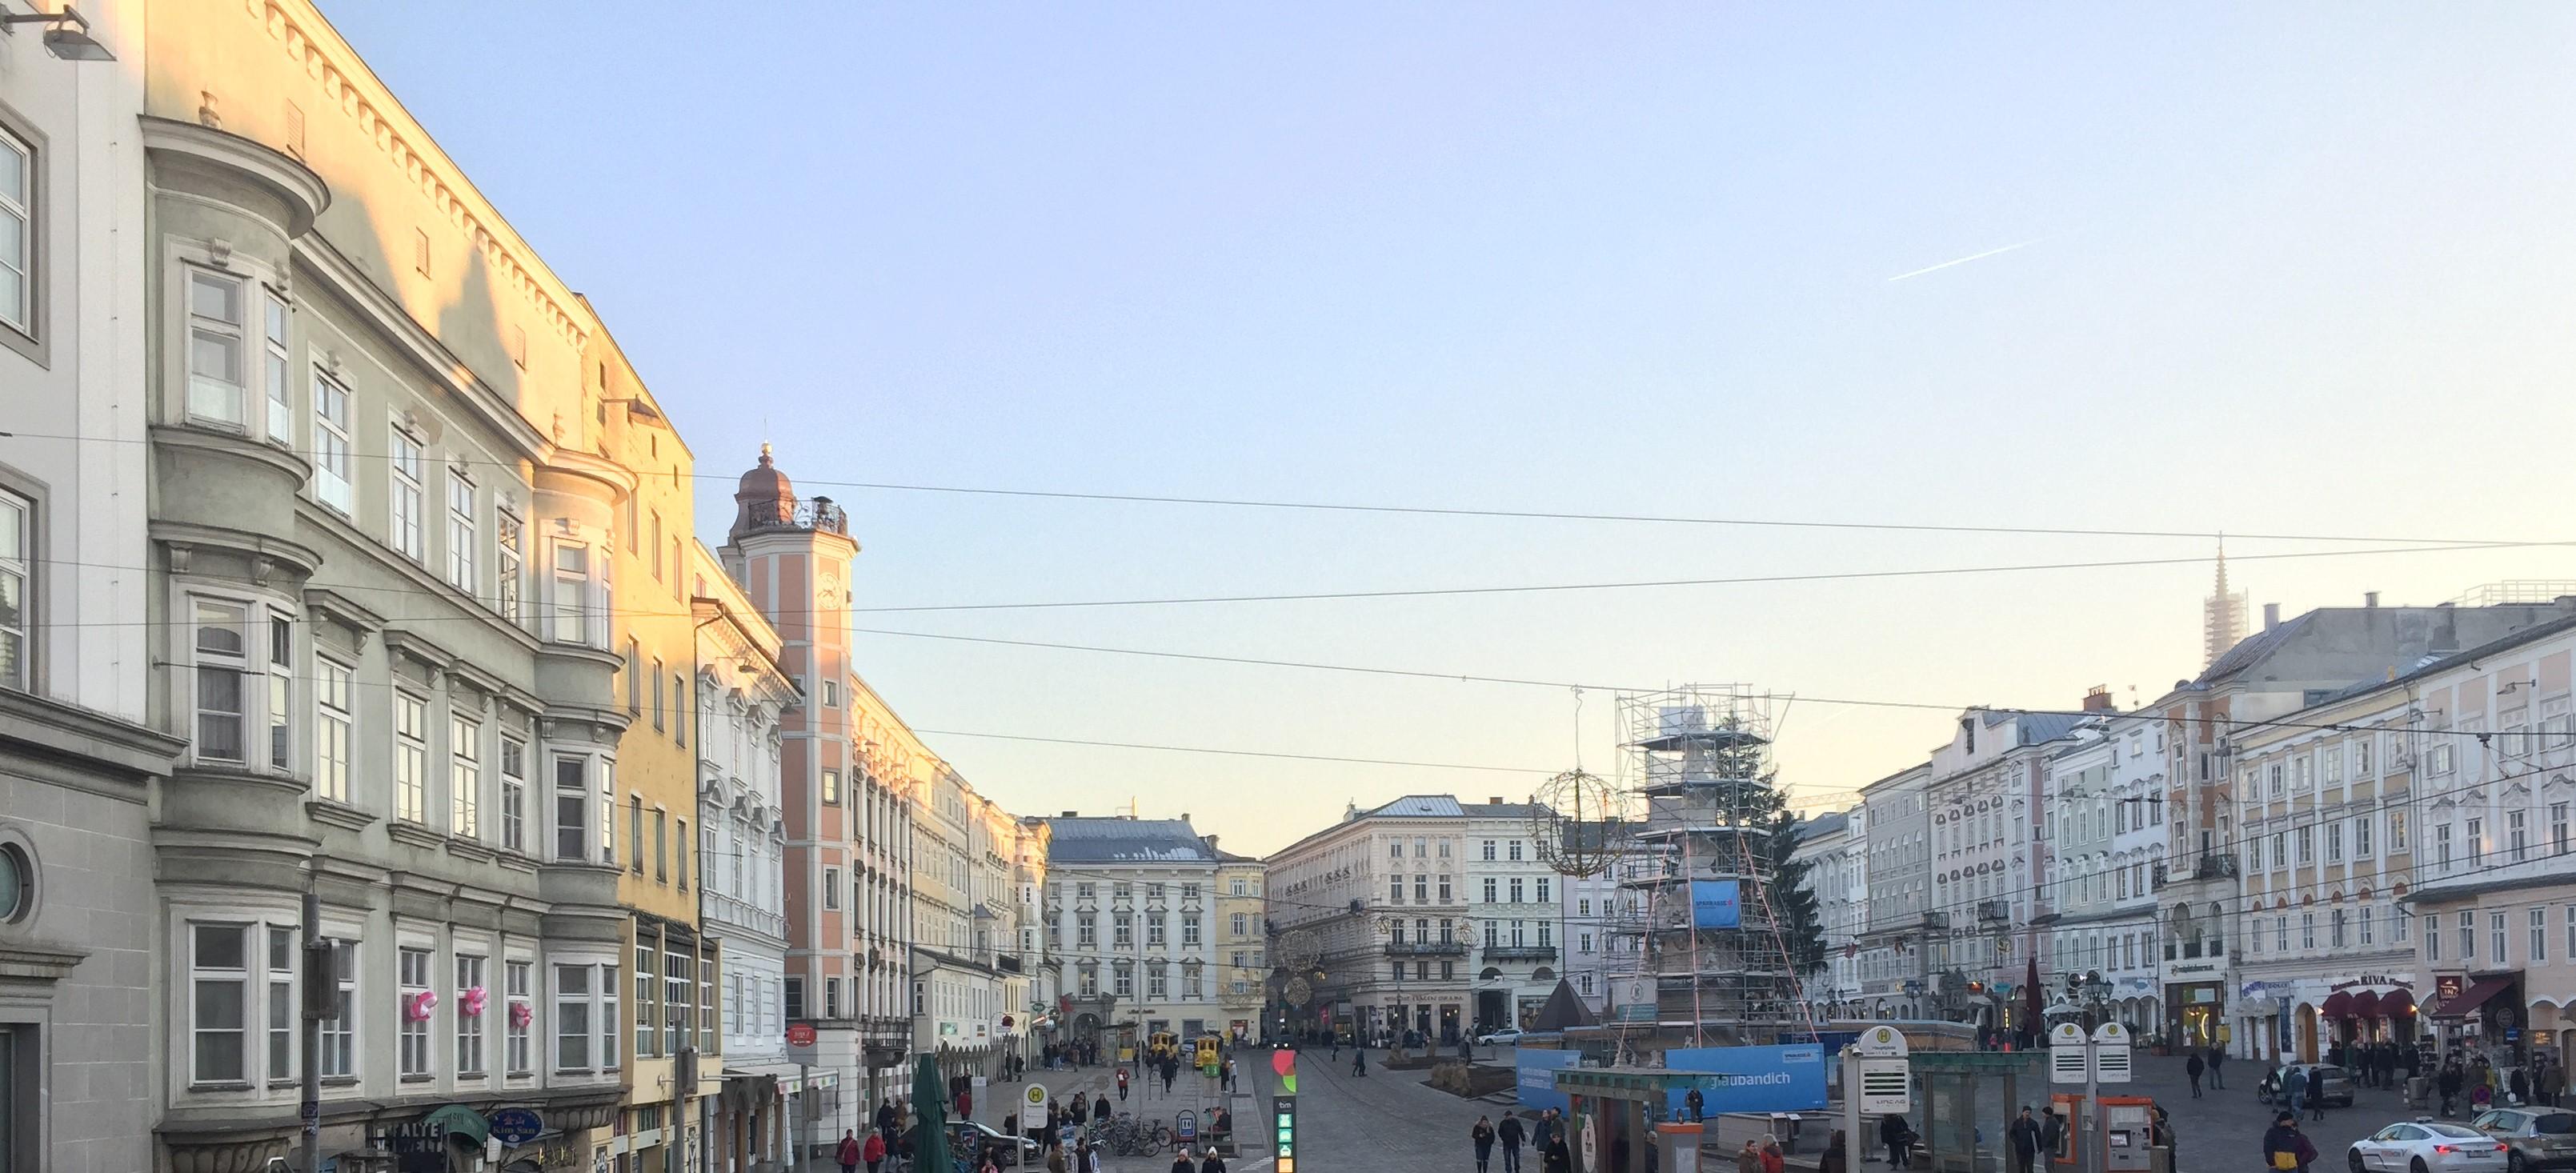 Linz Hauptplatz und Dreifaltigkeitssäule